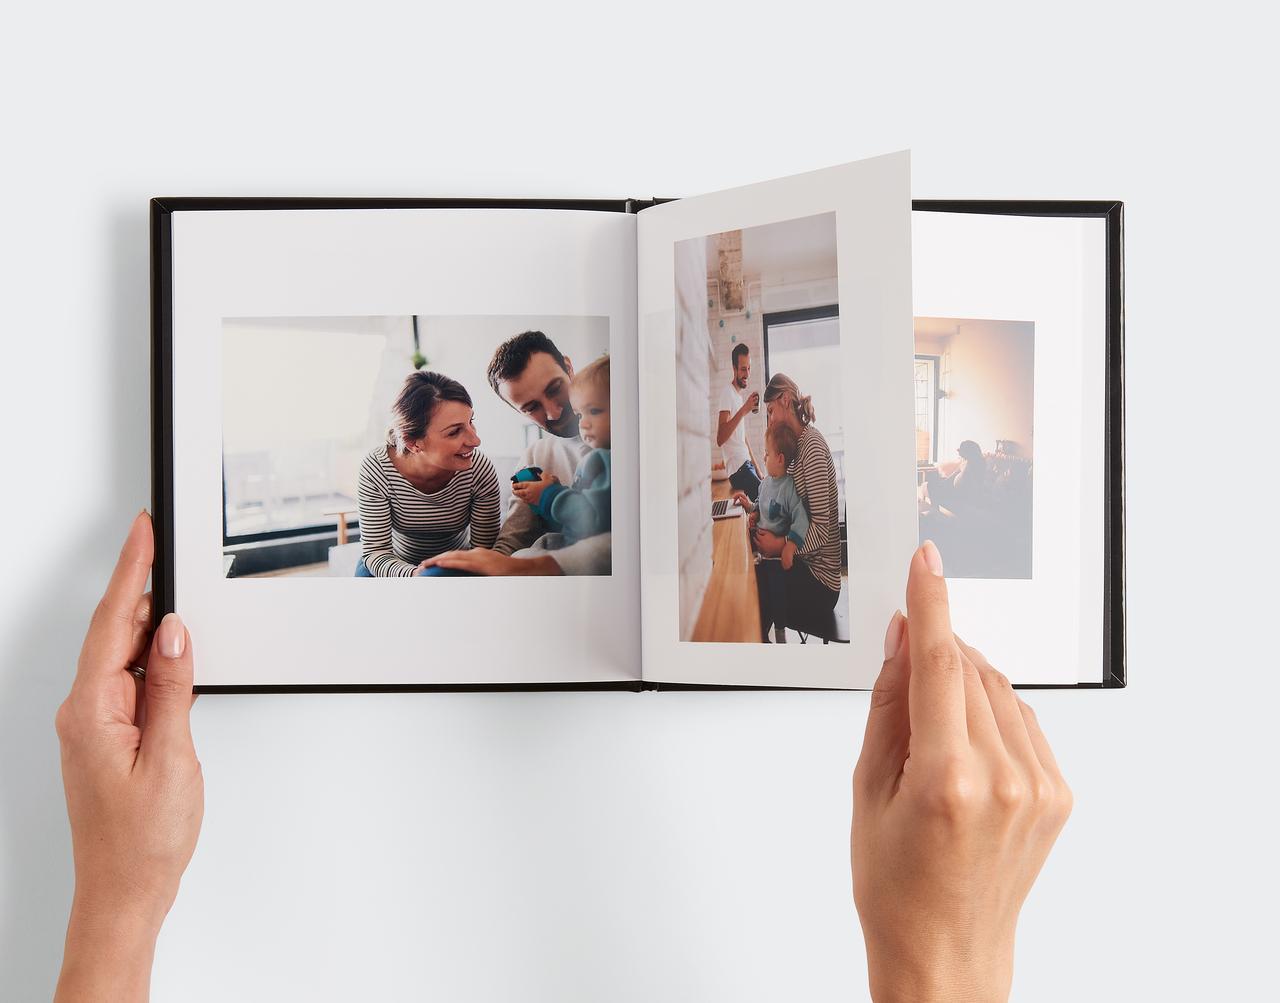 Cadeaux de Noël livre photo de bébé